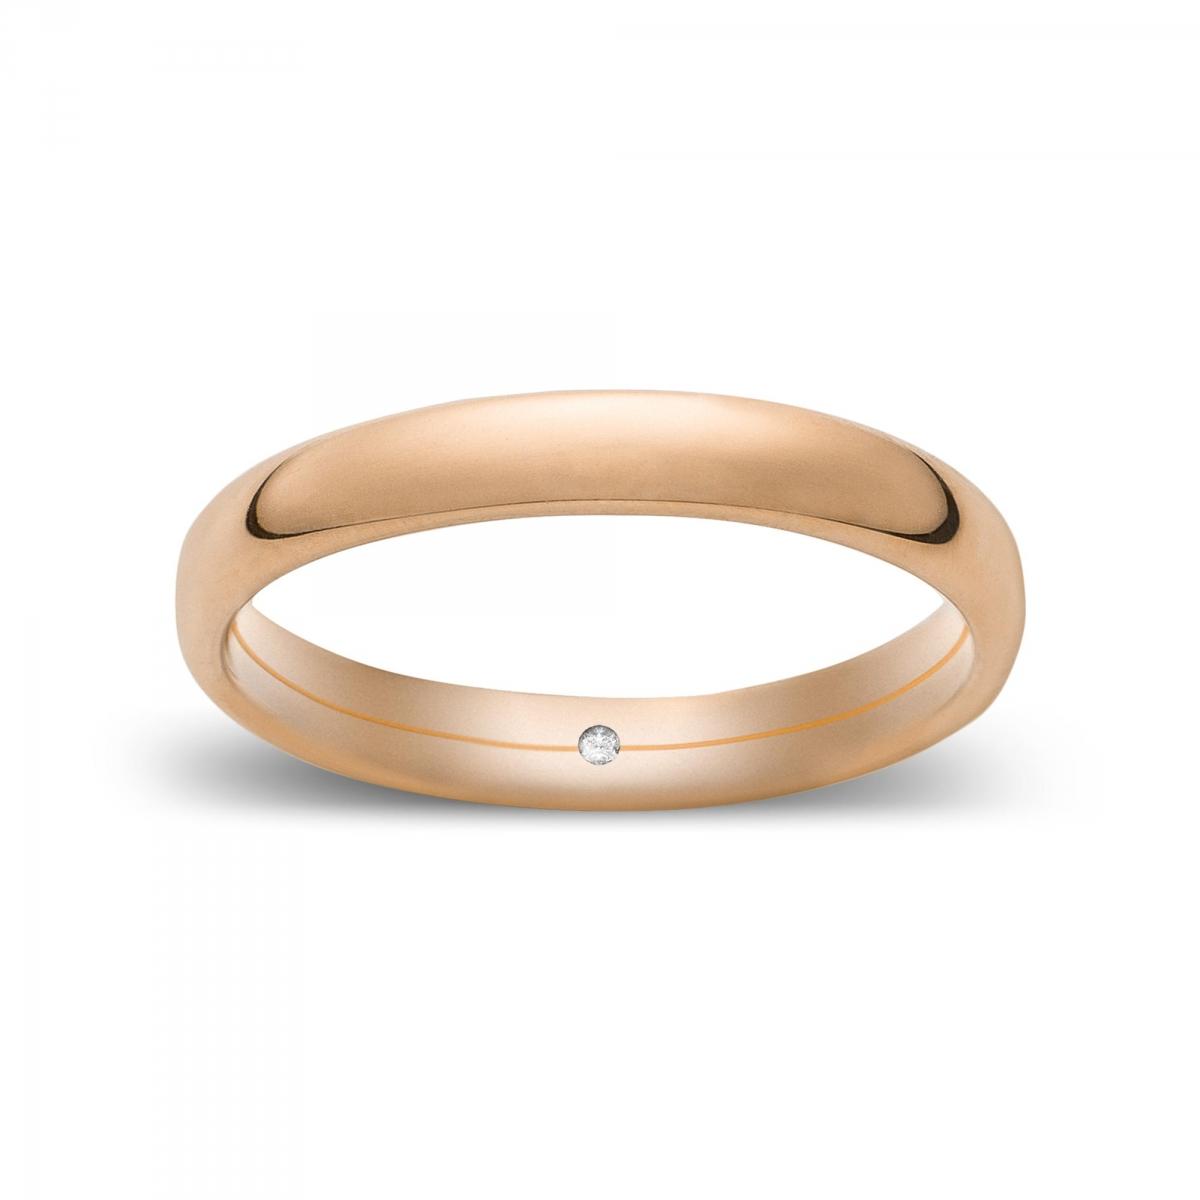 Marli Fede confort media in oro Rosatenue®